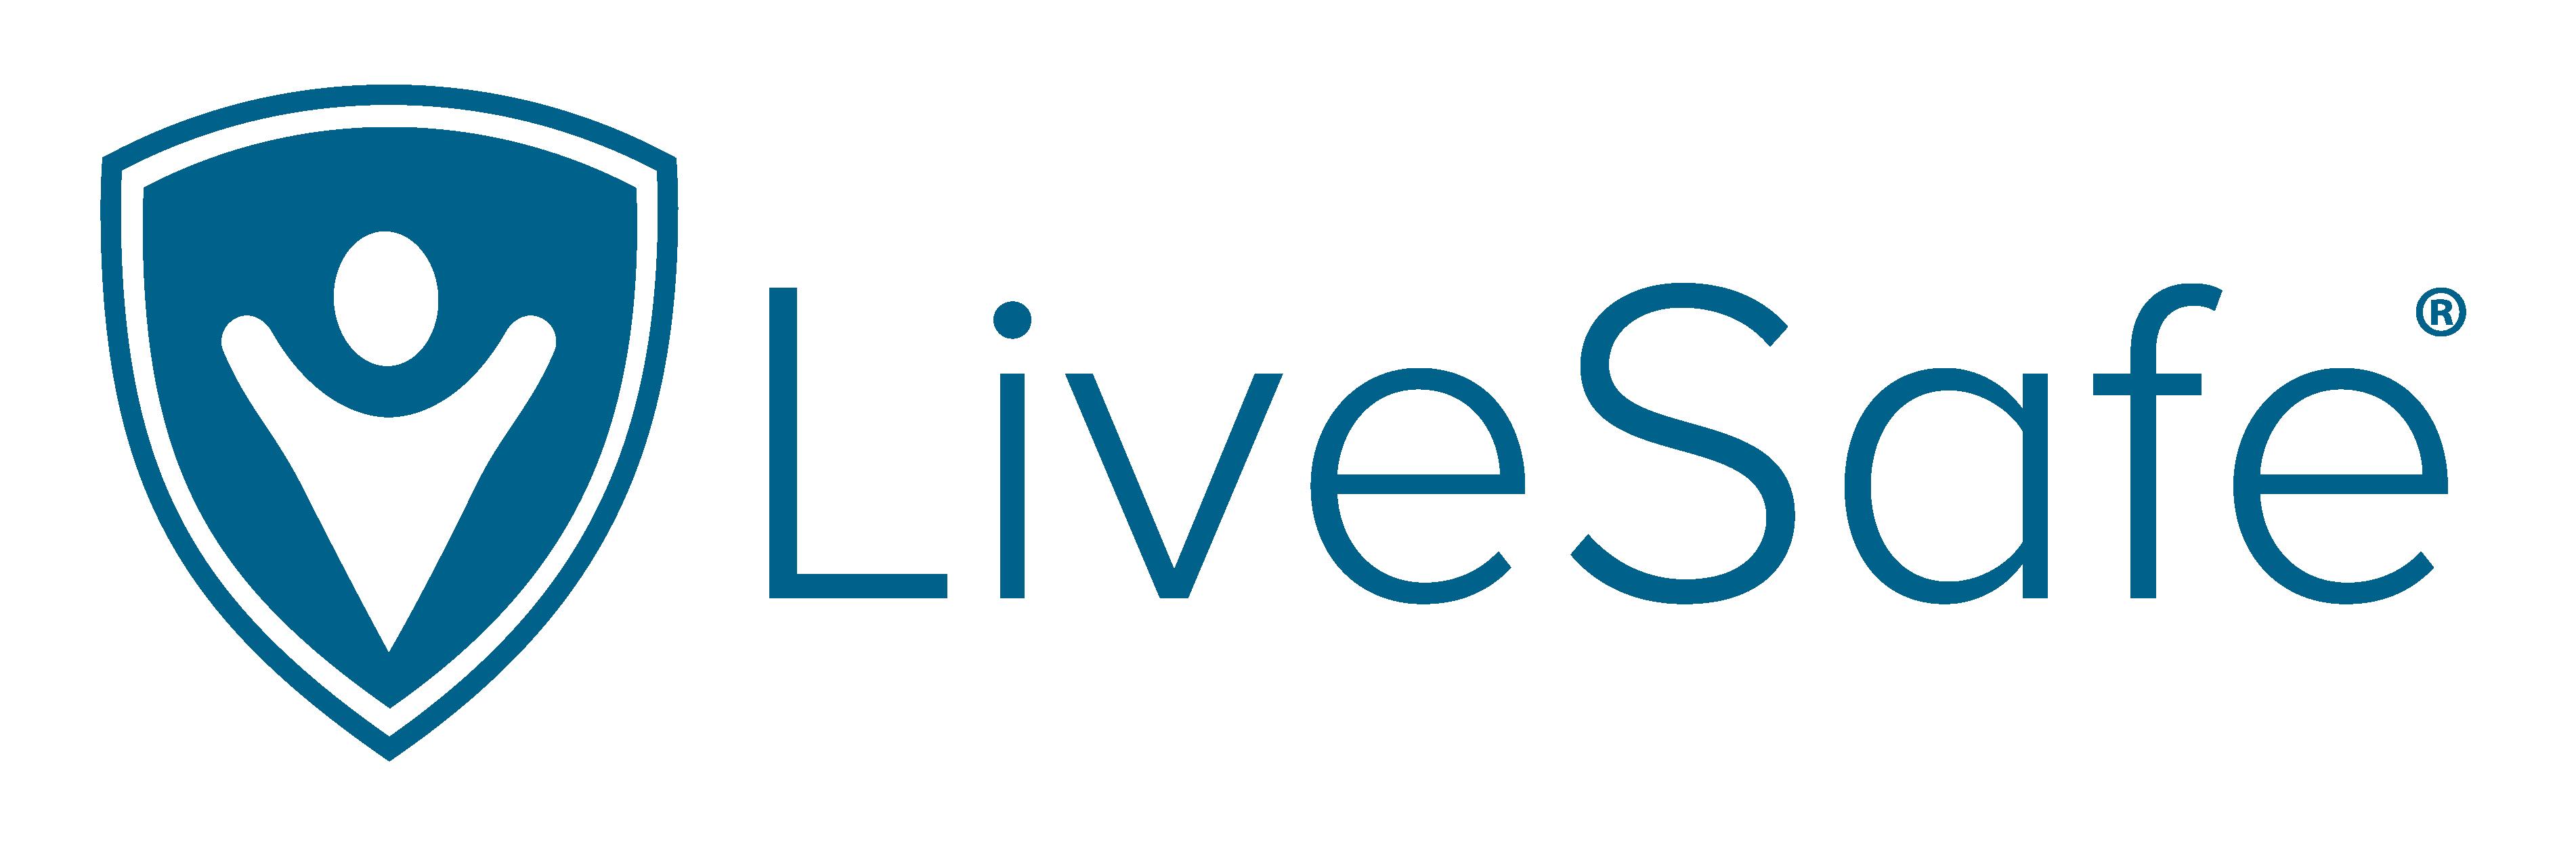 New Safety App: LiveSafe